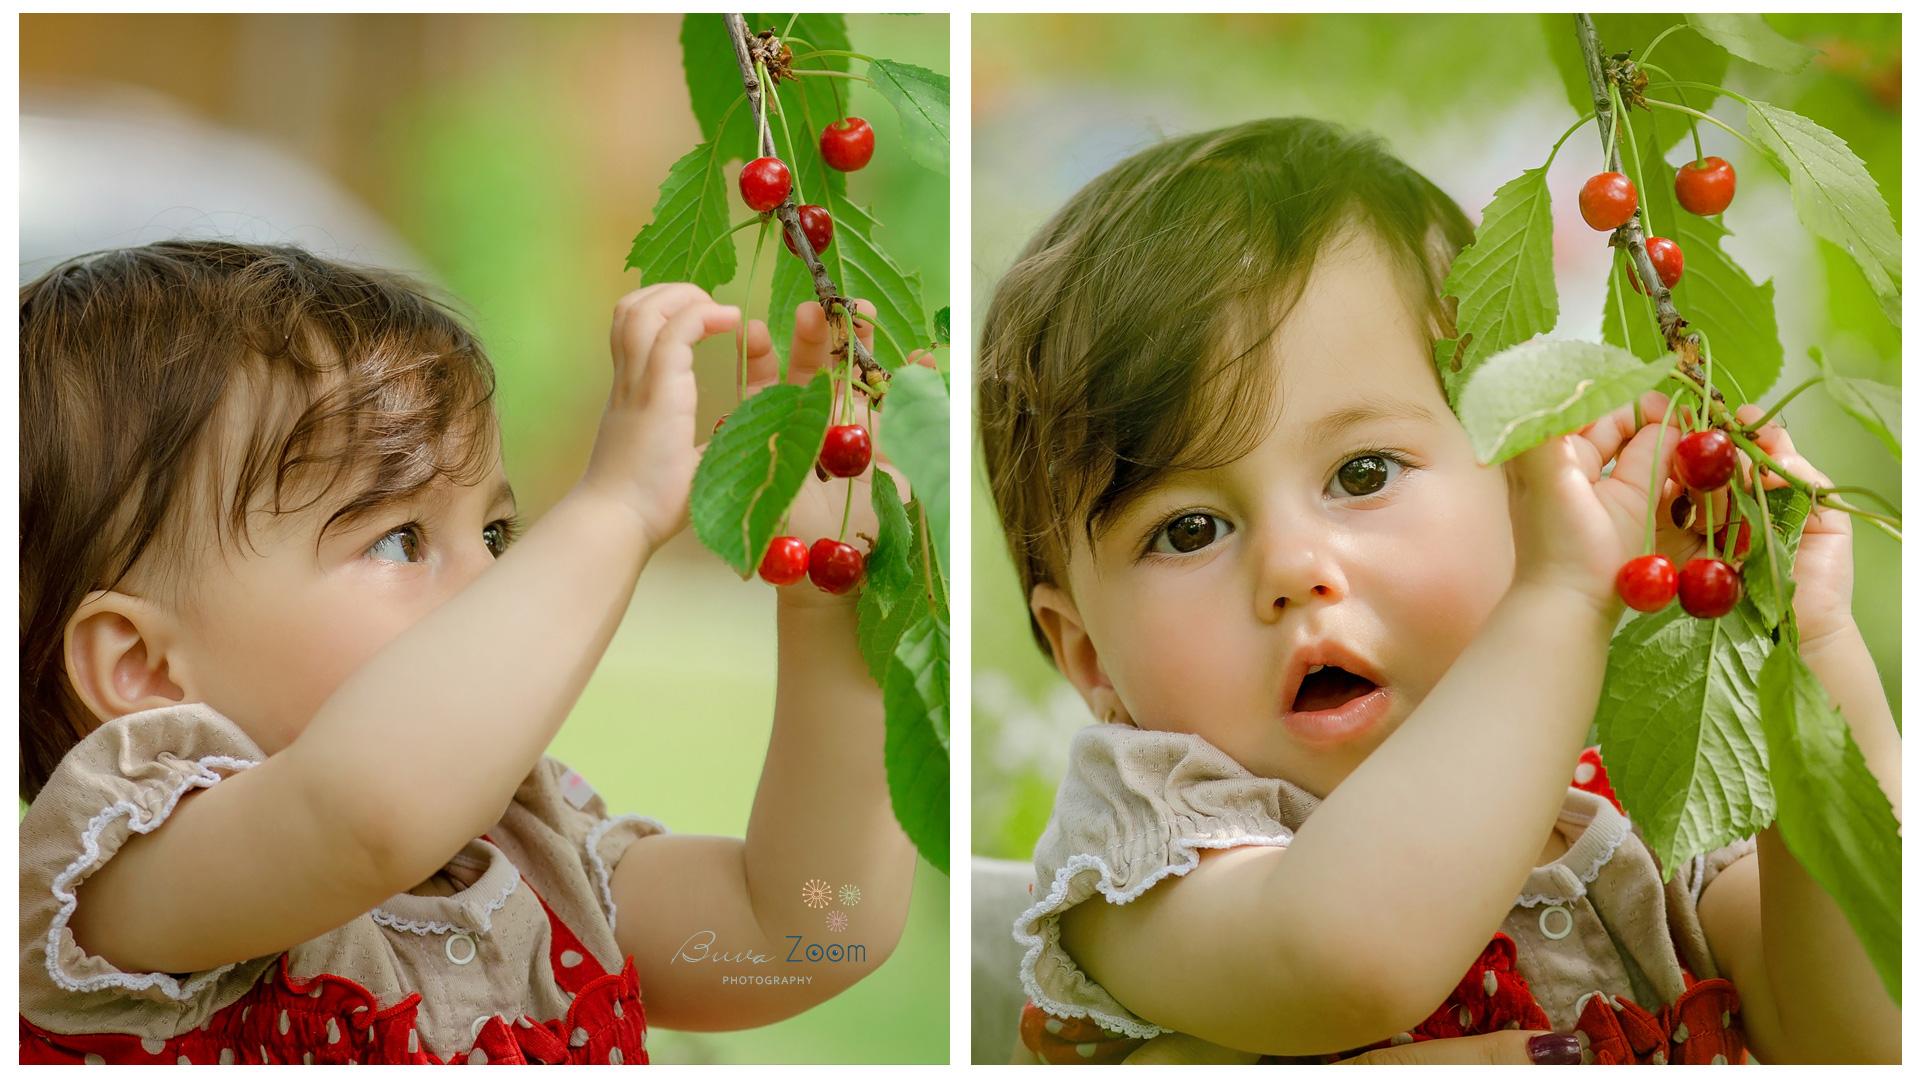 sedinta-foto-copii2